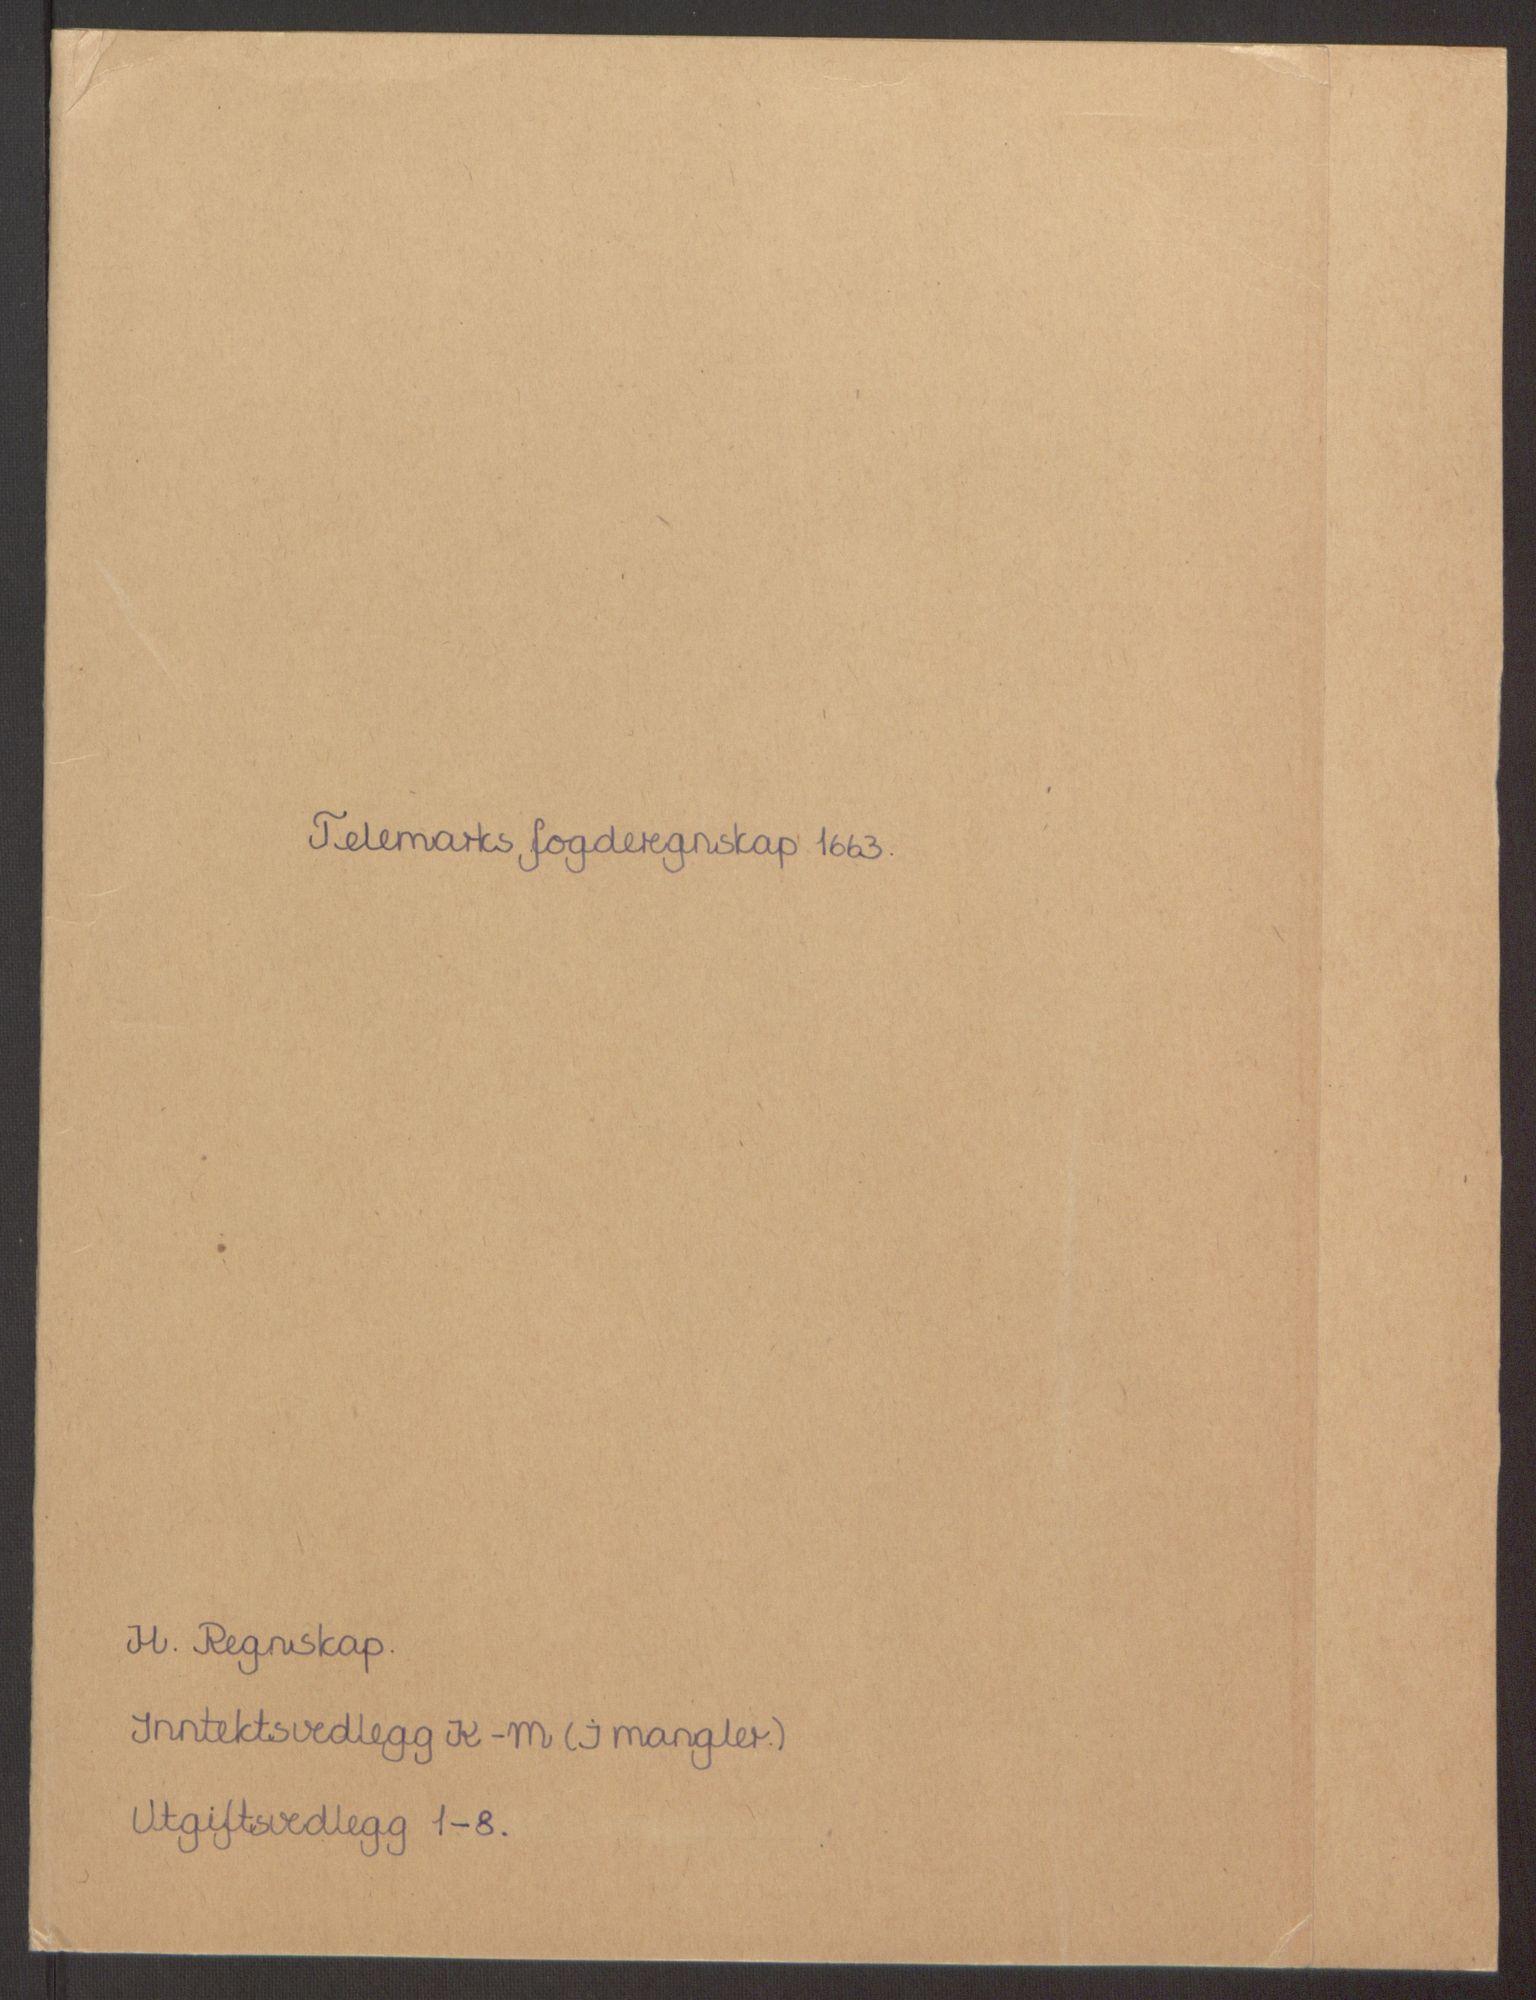 RA, Rentekammeret inntil 1814, Reviderte regnskaper, Fogderegnskap, R35/L2054: Fogderegnskap Øvre og Nedre Telemark, 1662-1663, s. 252